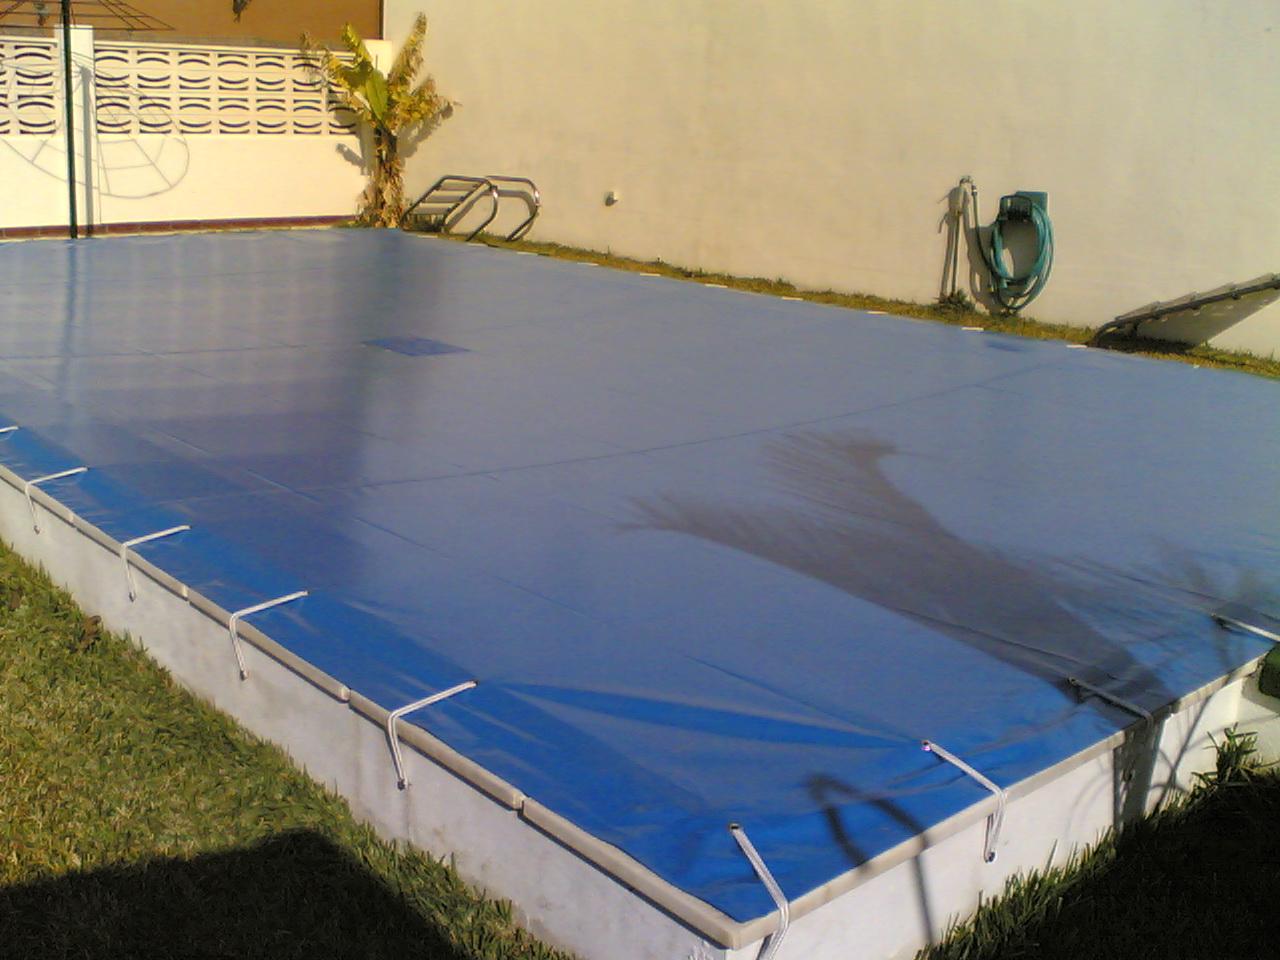 Mantenimiento piscinas mediterraneo for Mantenimiento piscina invierno